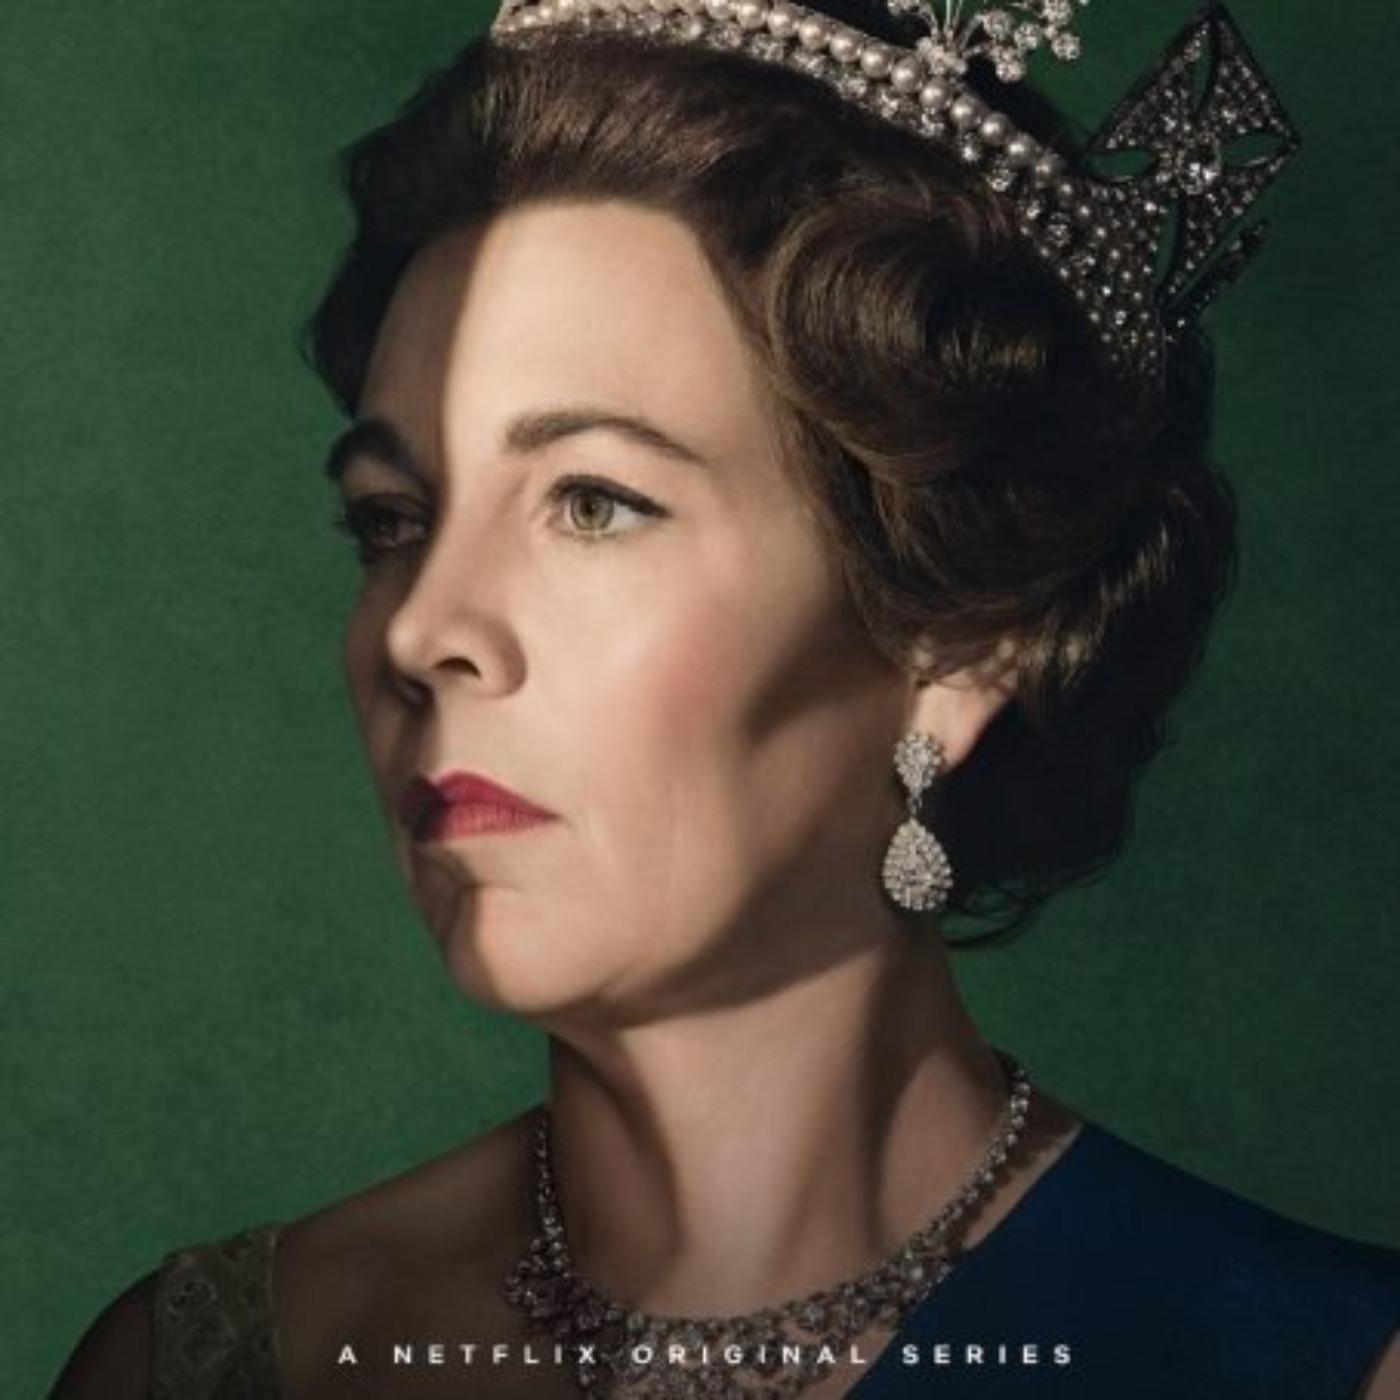 461 - Que tal assistir The Crown sem legendas em inglês?